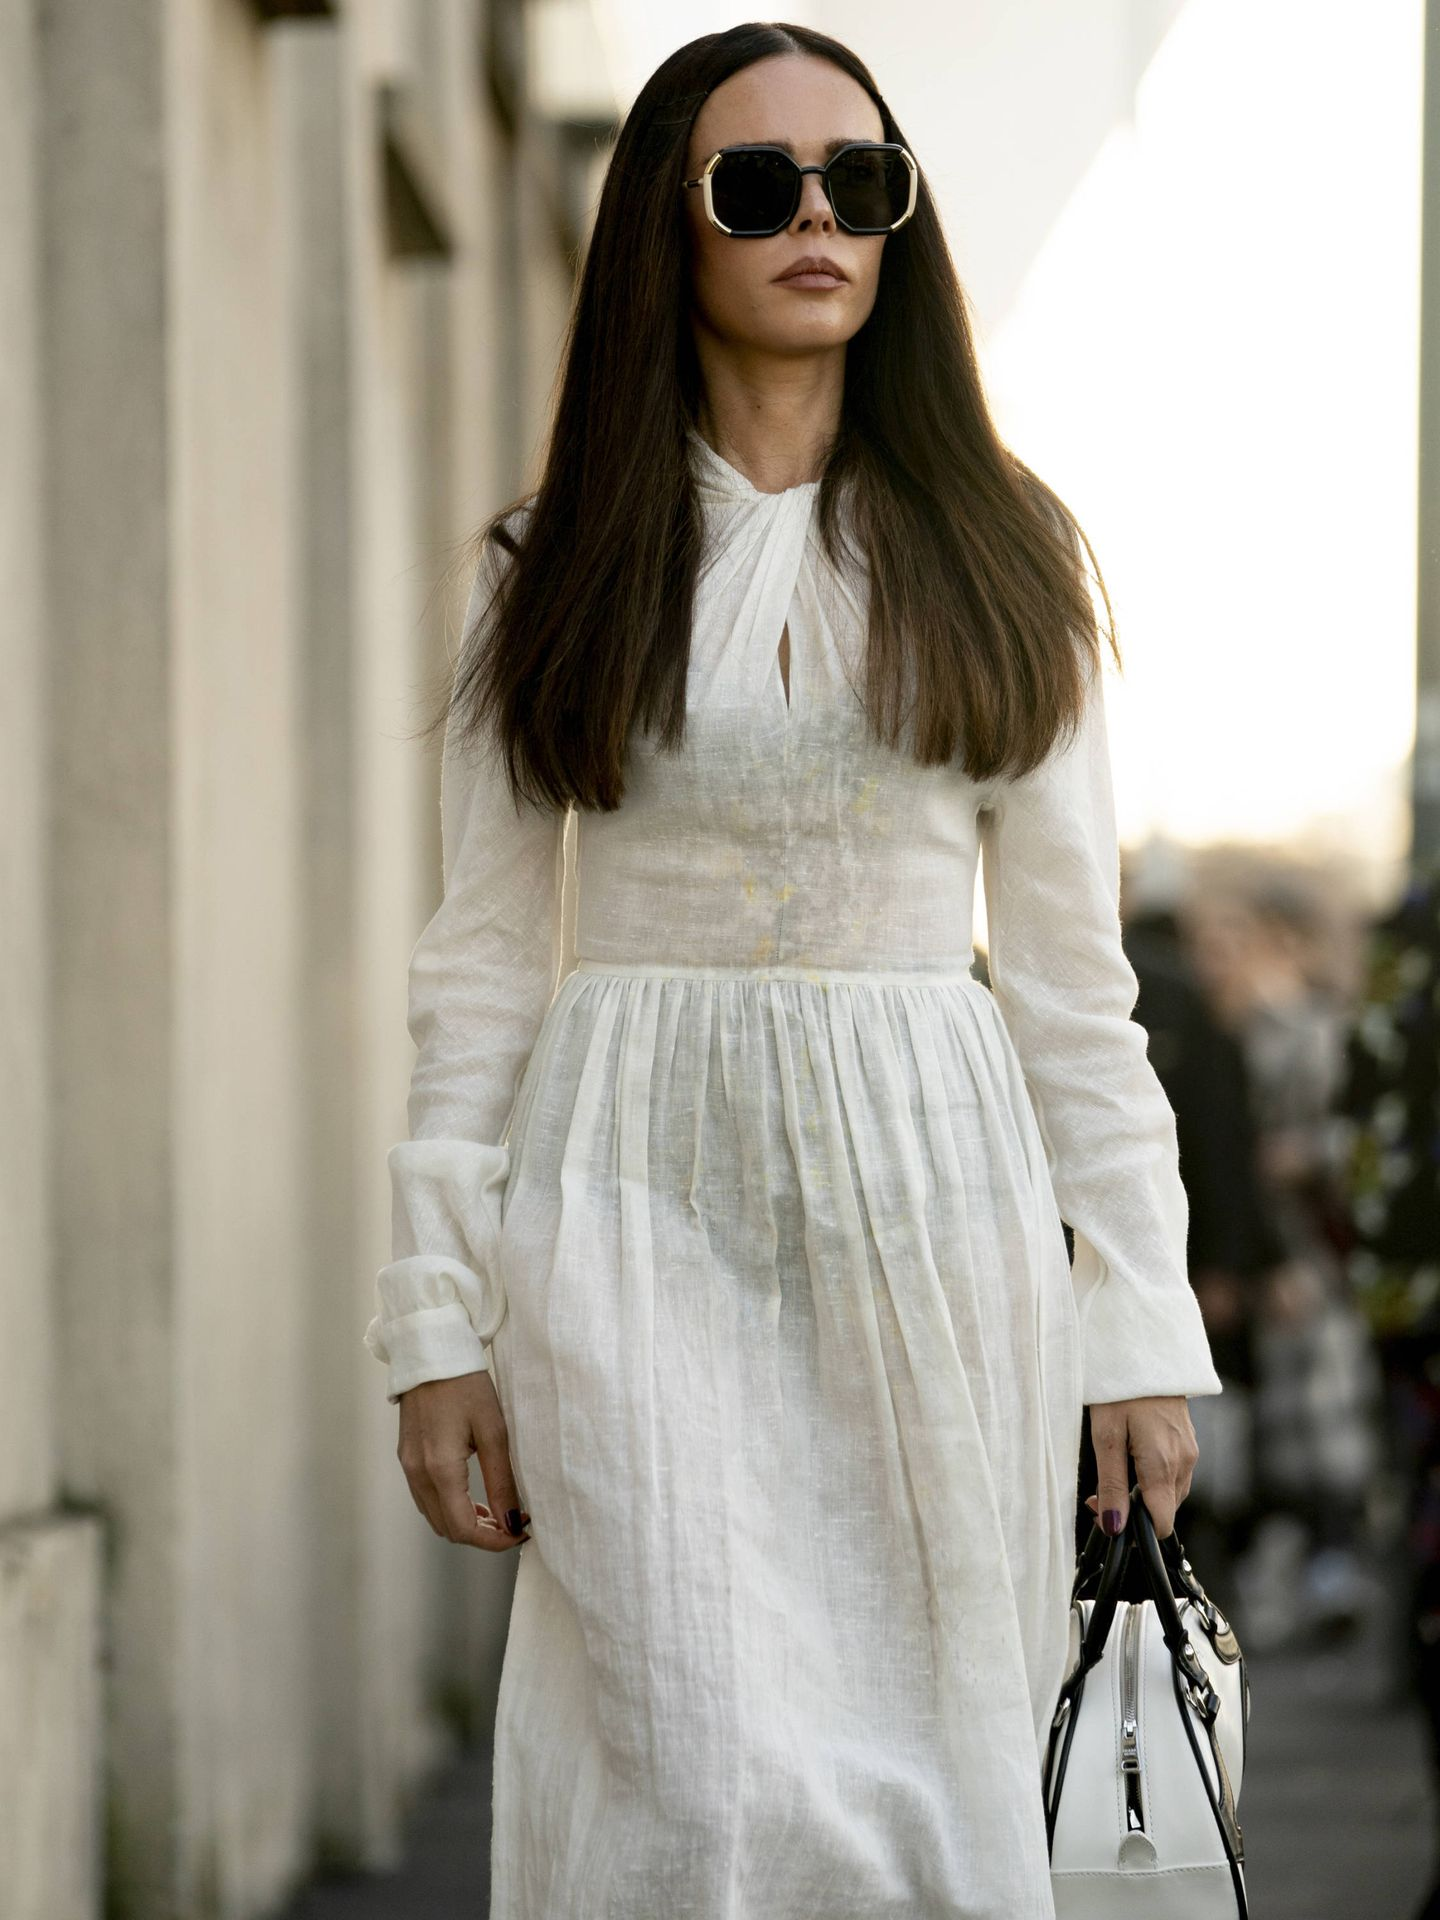 Una insider con un vestido blanco. (Imaxtree)